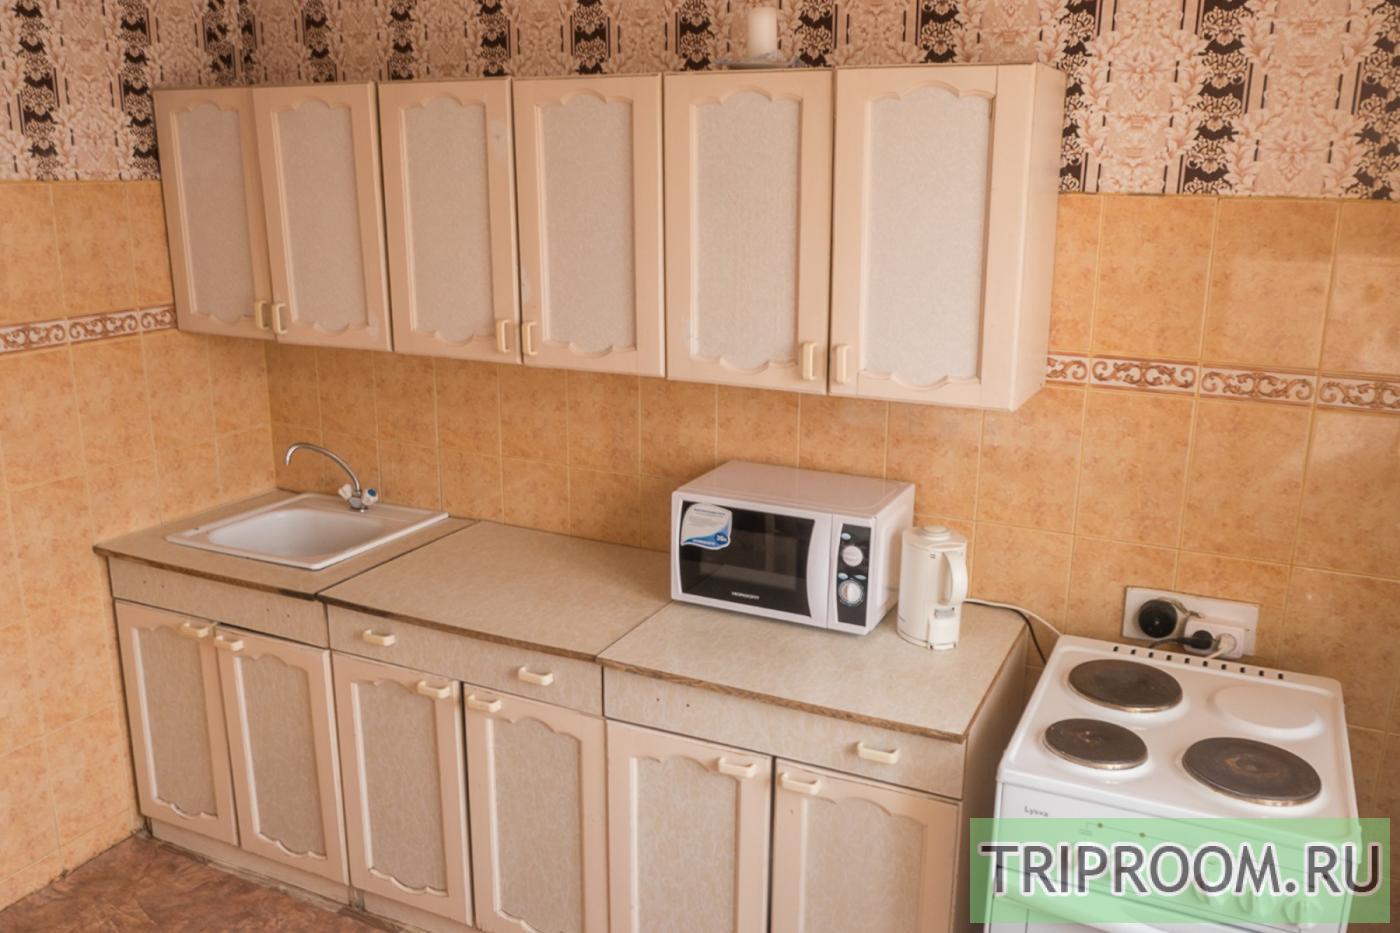 1-комнатная квартира посуточно (вариант № 35008), ул. Побежимова улица, фото № 2